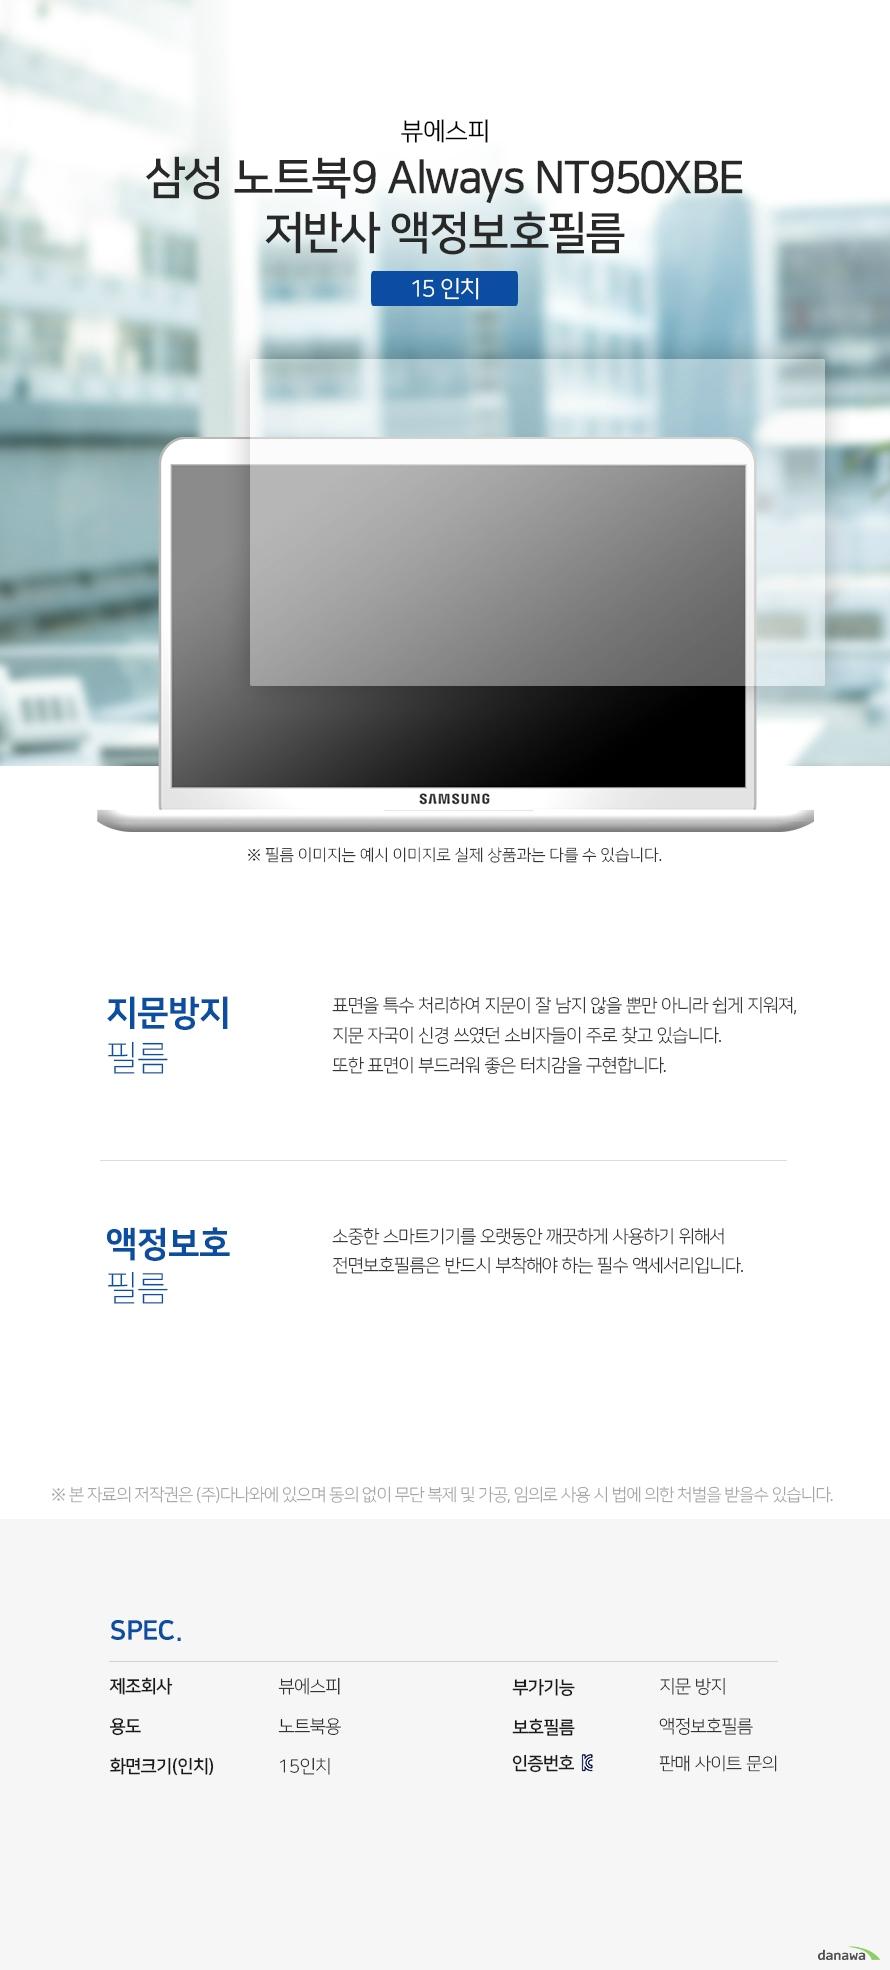 뷰에스피 삼성 노트북9 Always NT950XBE 저반사 액정보호필름 상세 스펙 액정보호용품 / 노트북용 / 액정보호필름 / 15인치 / 지문방지